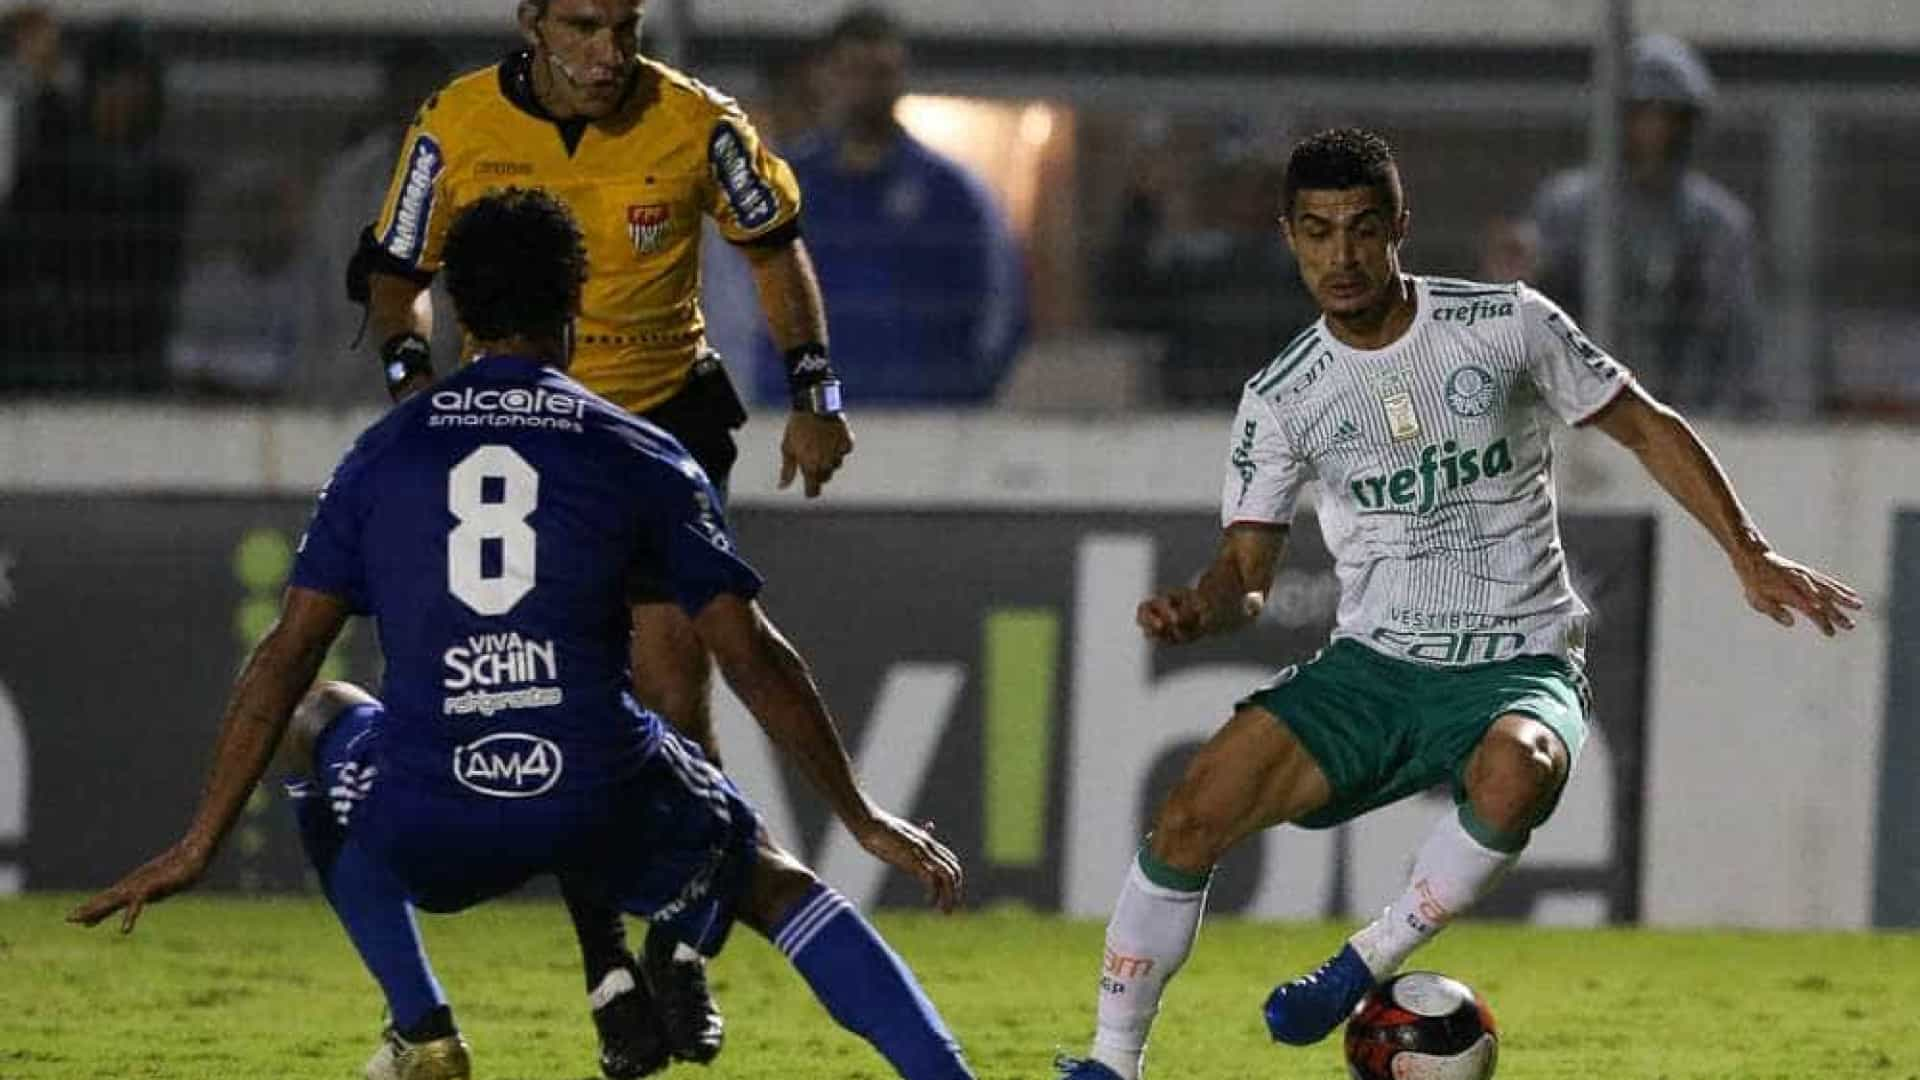 Resumão da rodada: Verdão, Grêmio e Inter caem, Fla empata e mais